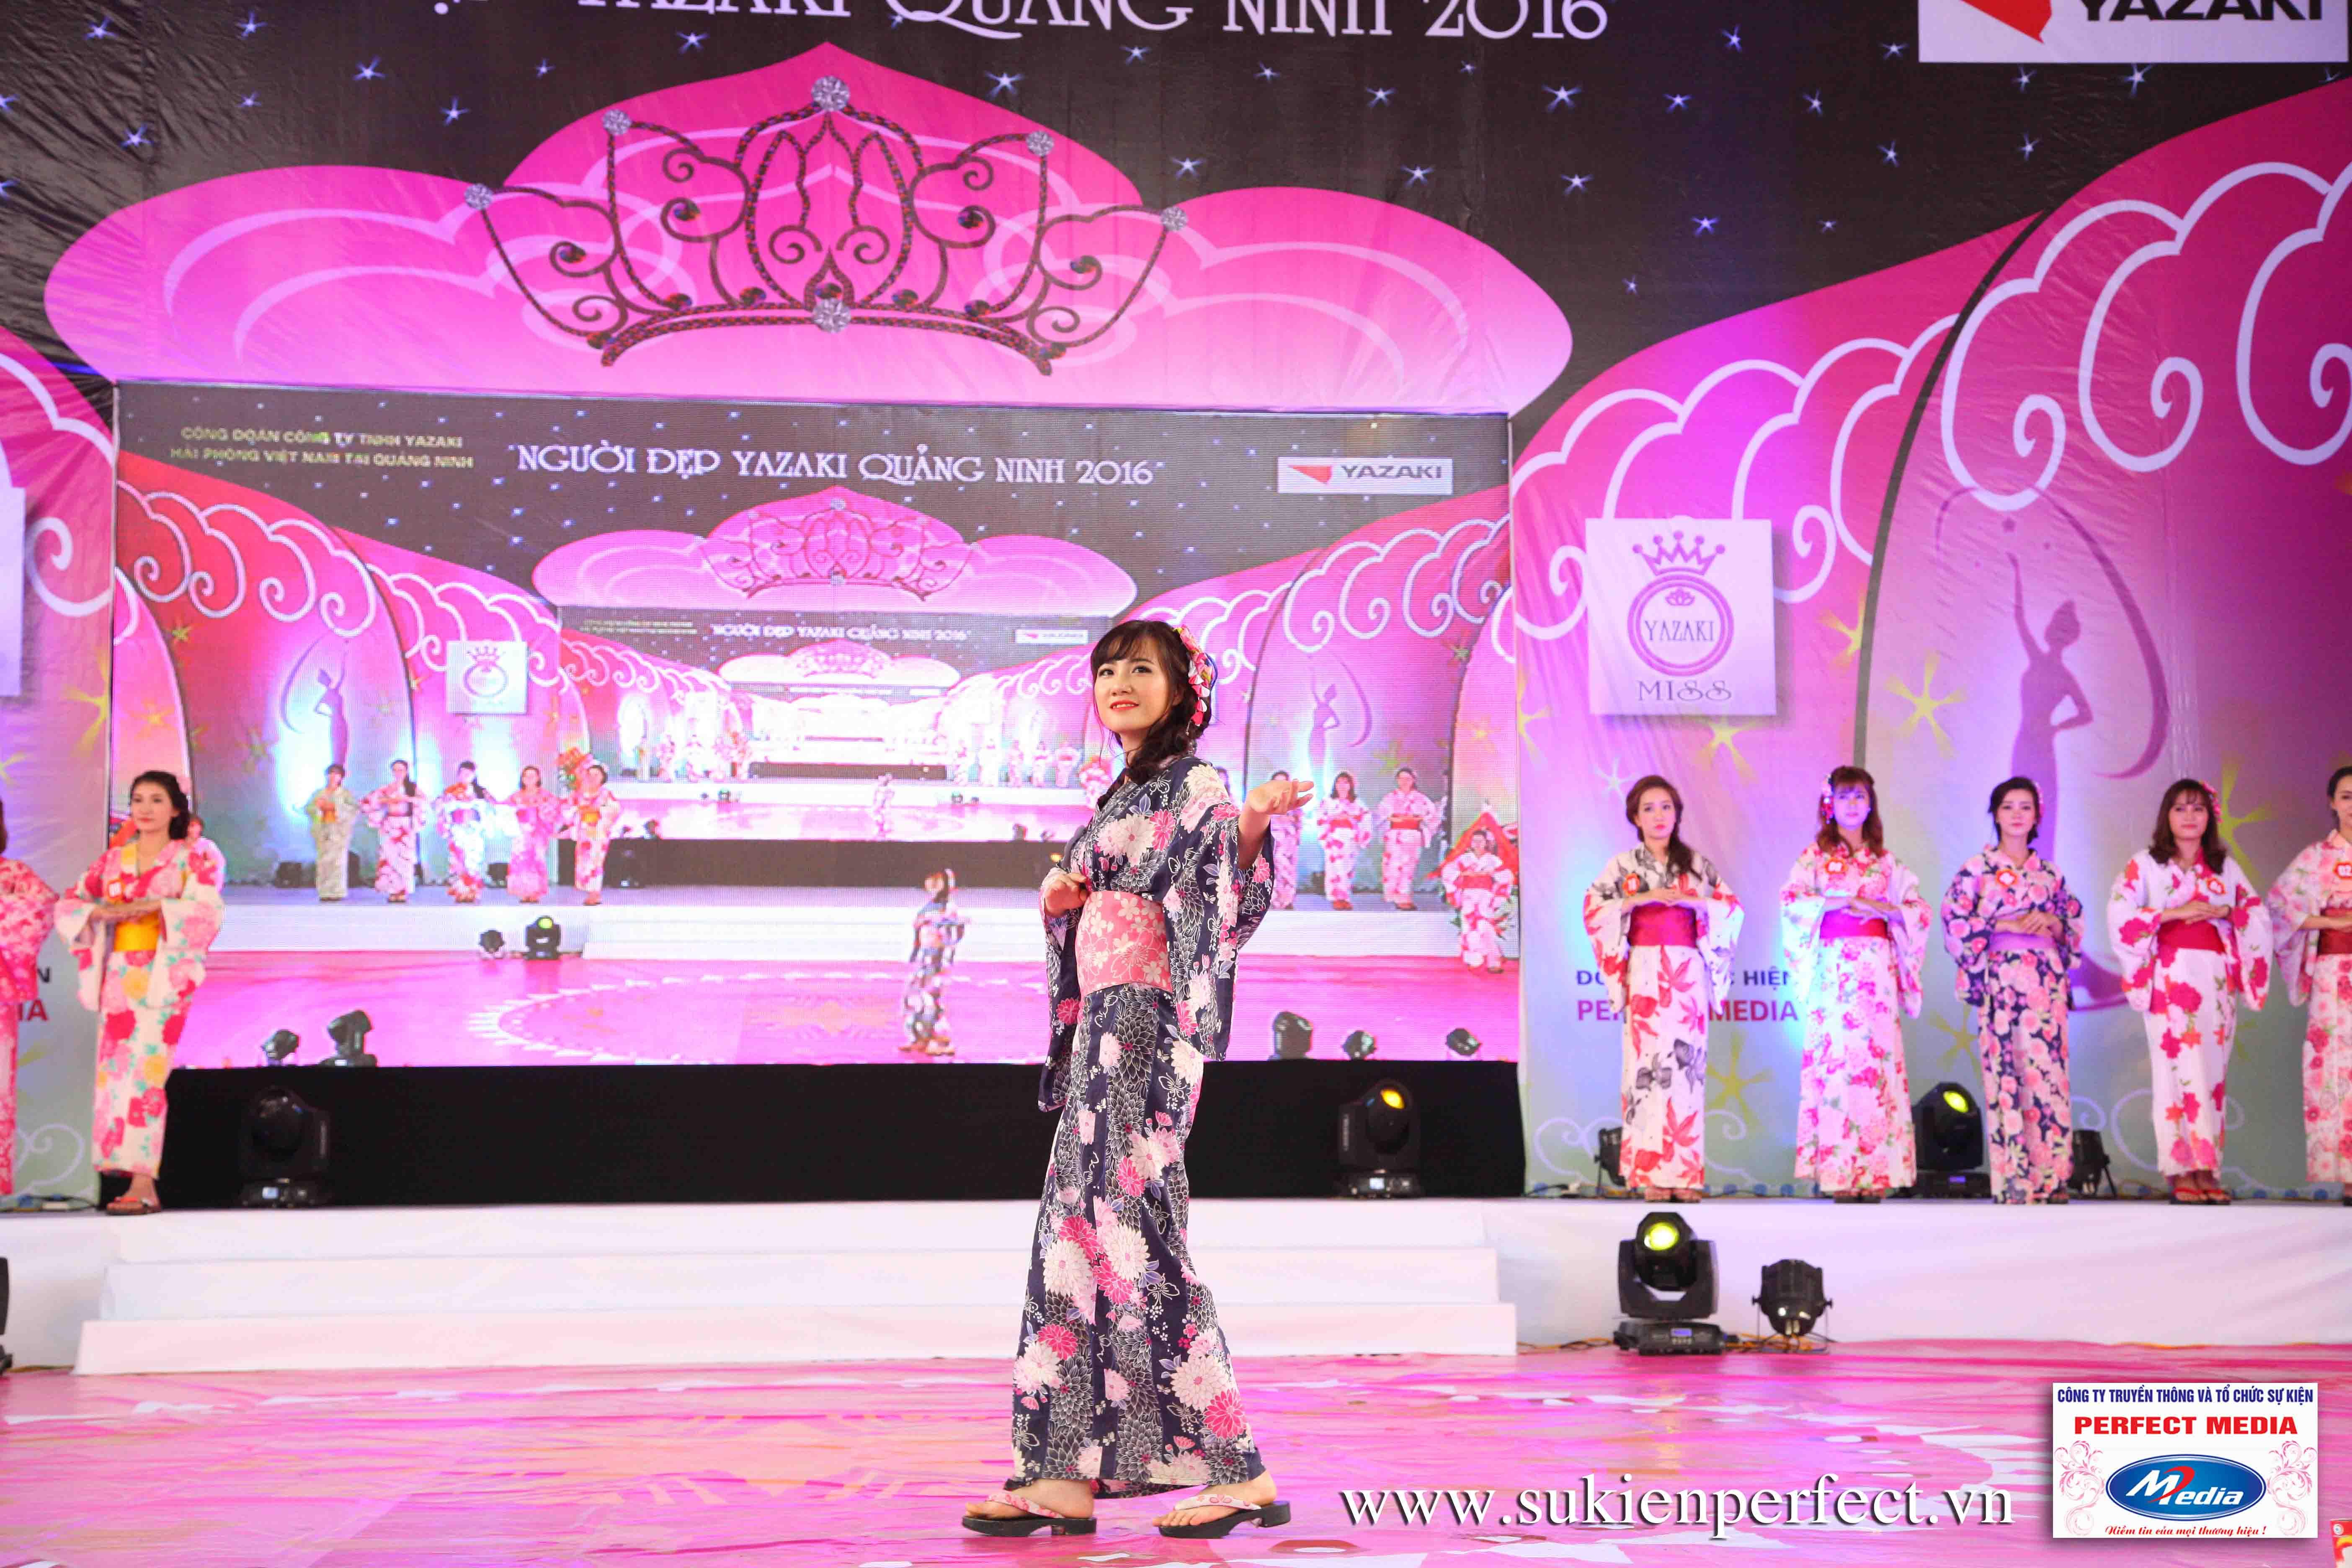 Hình ảnh các thí sinh trong trang phục Kimono - Người đẹp Yazaki Quảng Ninh 2016 - 13